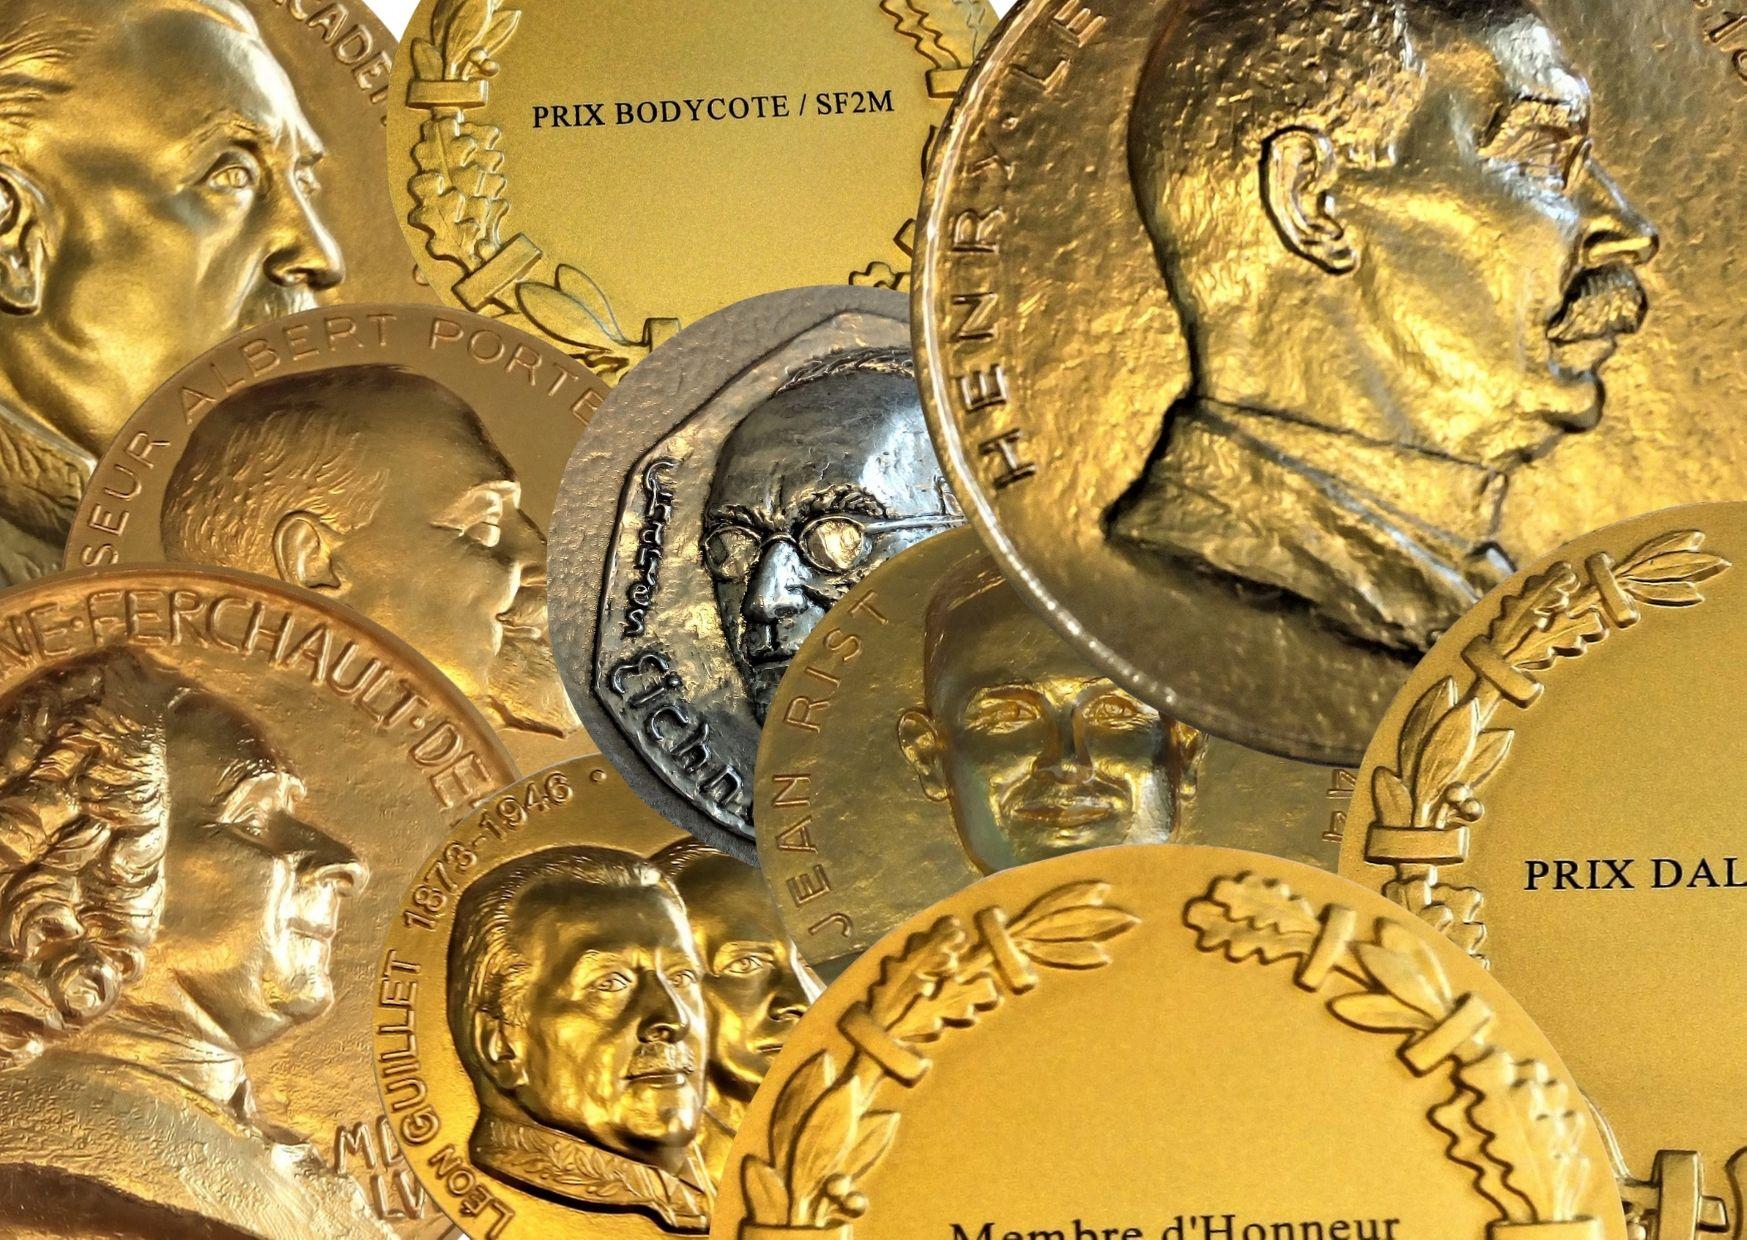 Remises des prix et médailles de la Sf2M 2019+ interview de la Grande Médaille, Jacques Jupille!